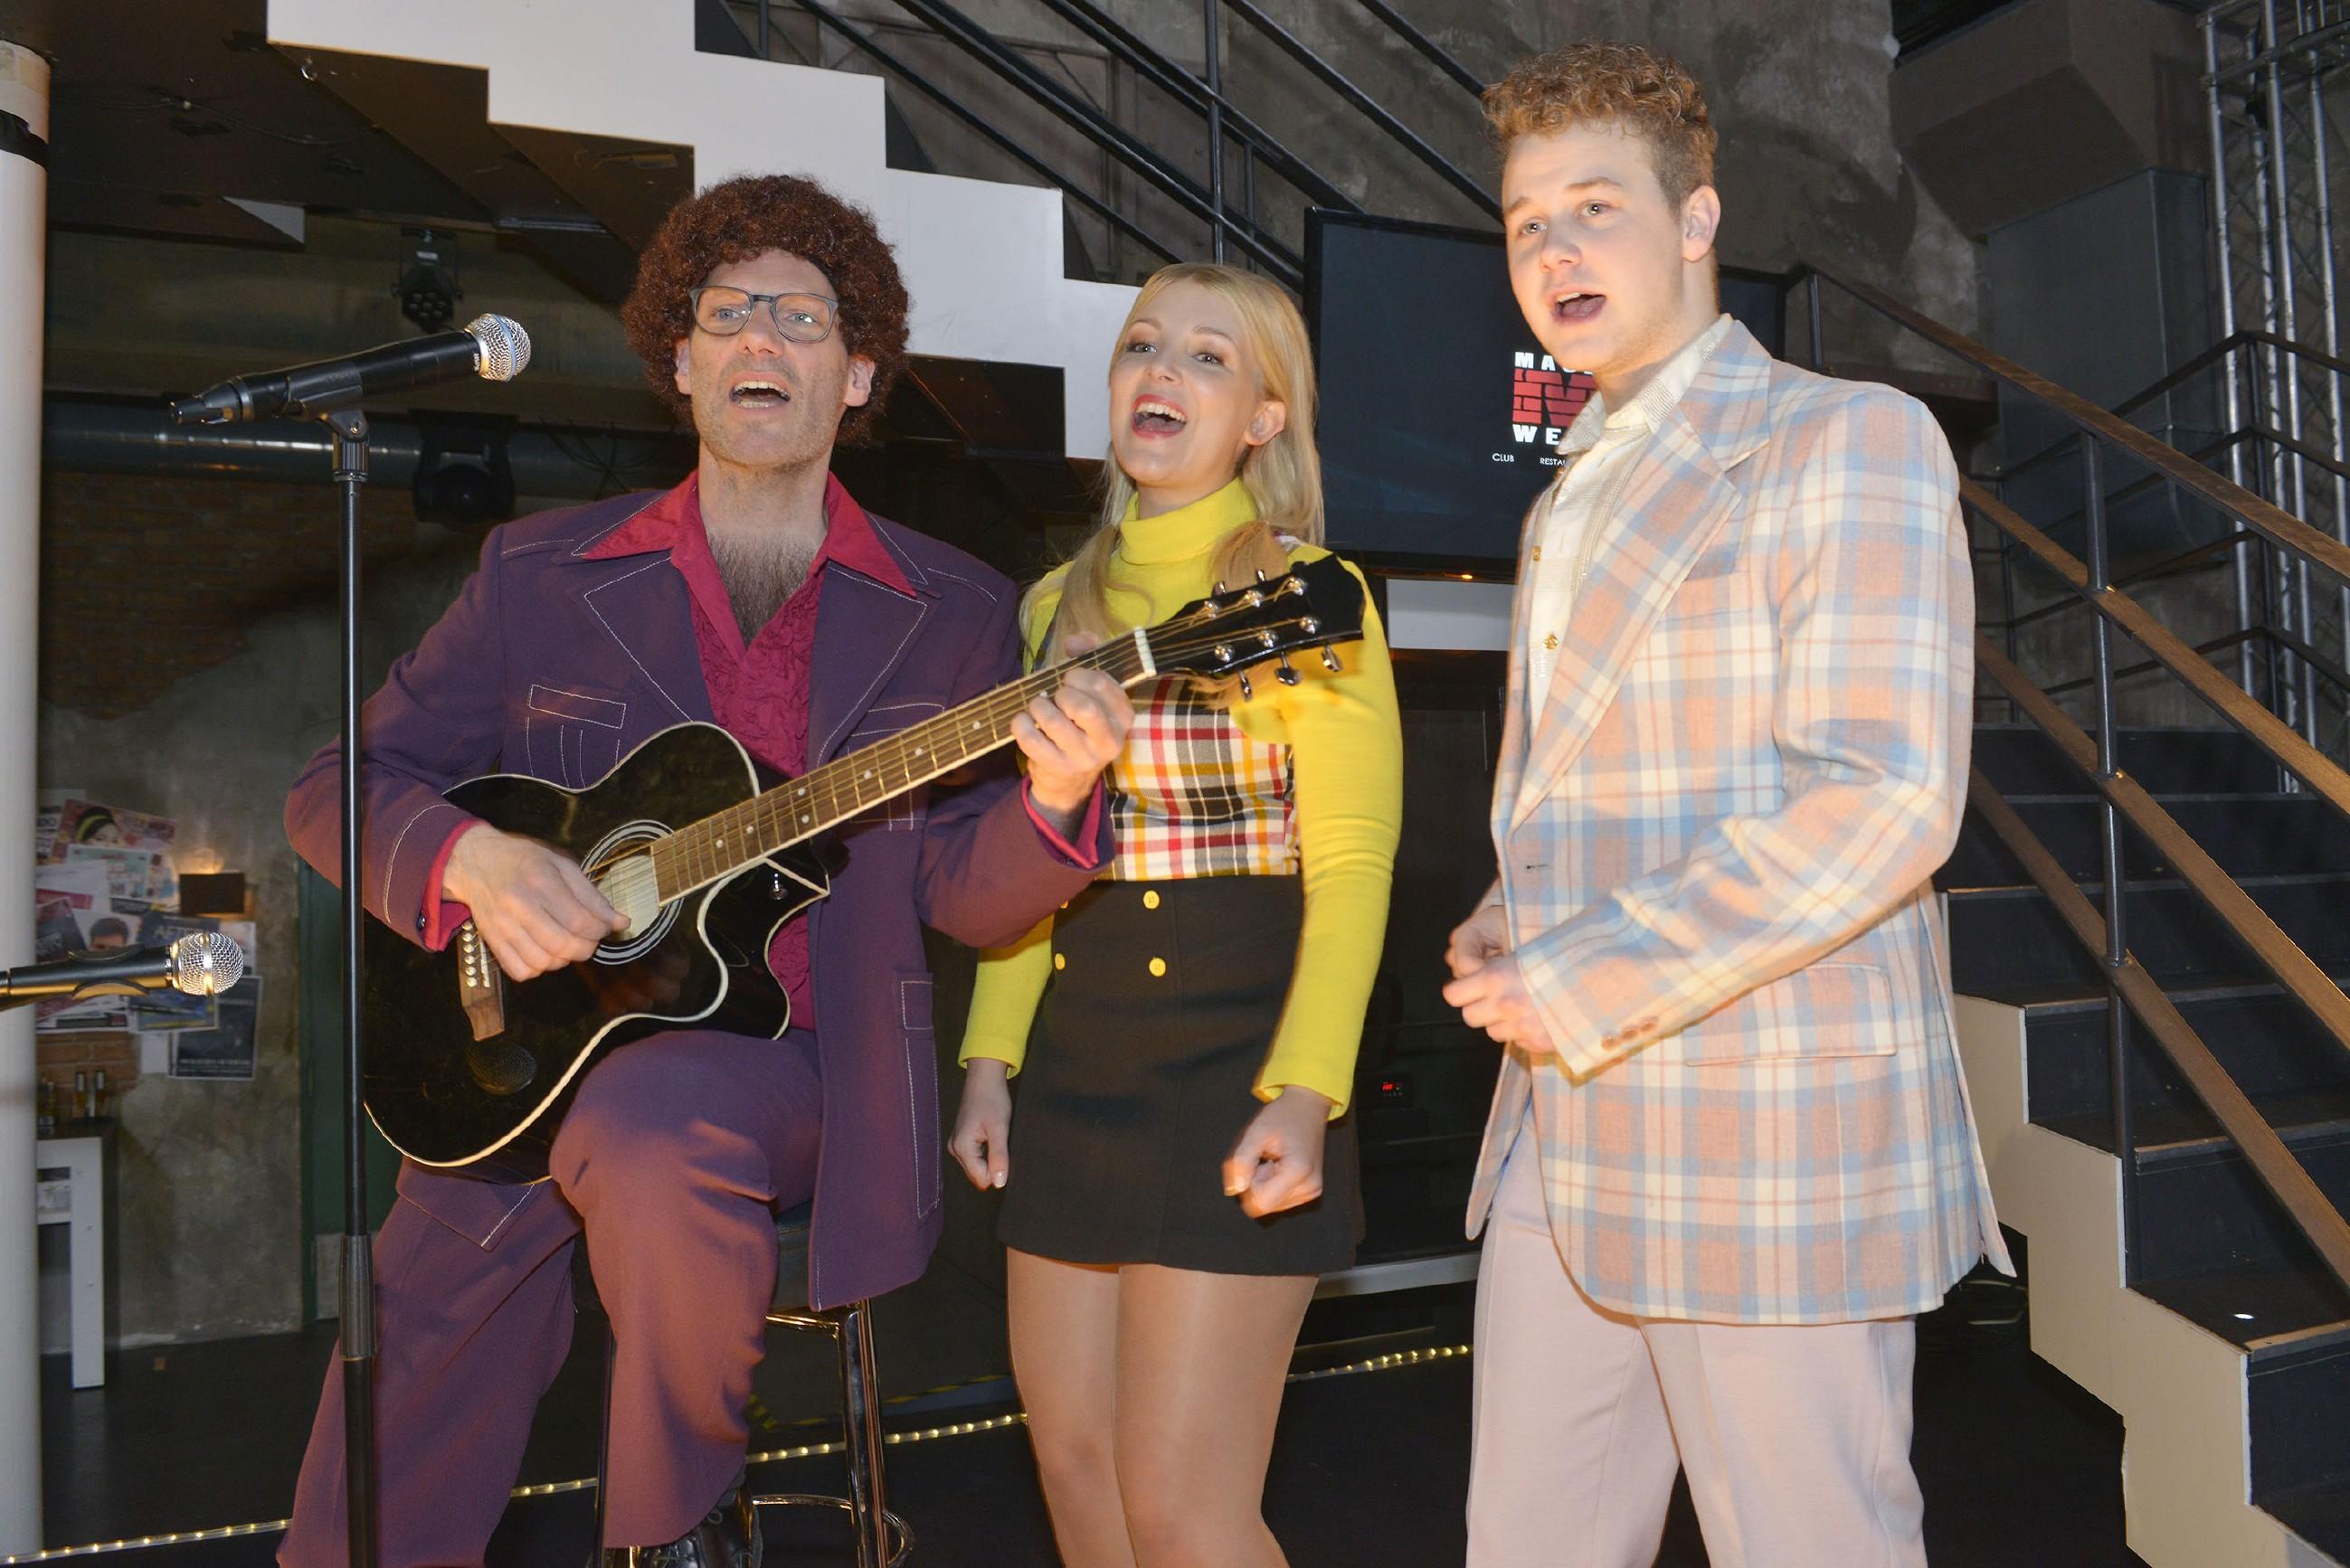 Alexander (Clemens Löhr, l.), Lilly (Iris Mareike Steen) und Jonas (Felix van Deventer) überraschen Maren zu ihrem Geburtstag mit einem selbst komponierten Song. (Quelle: RTL / Rolf Baumgartner)